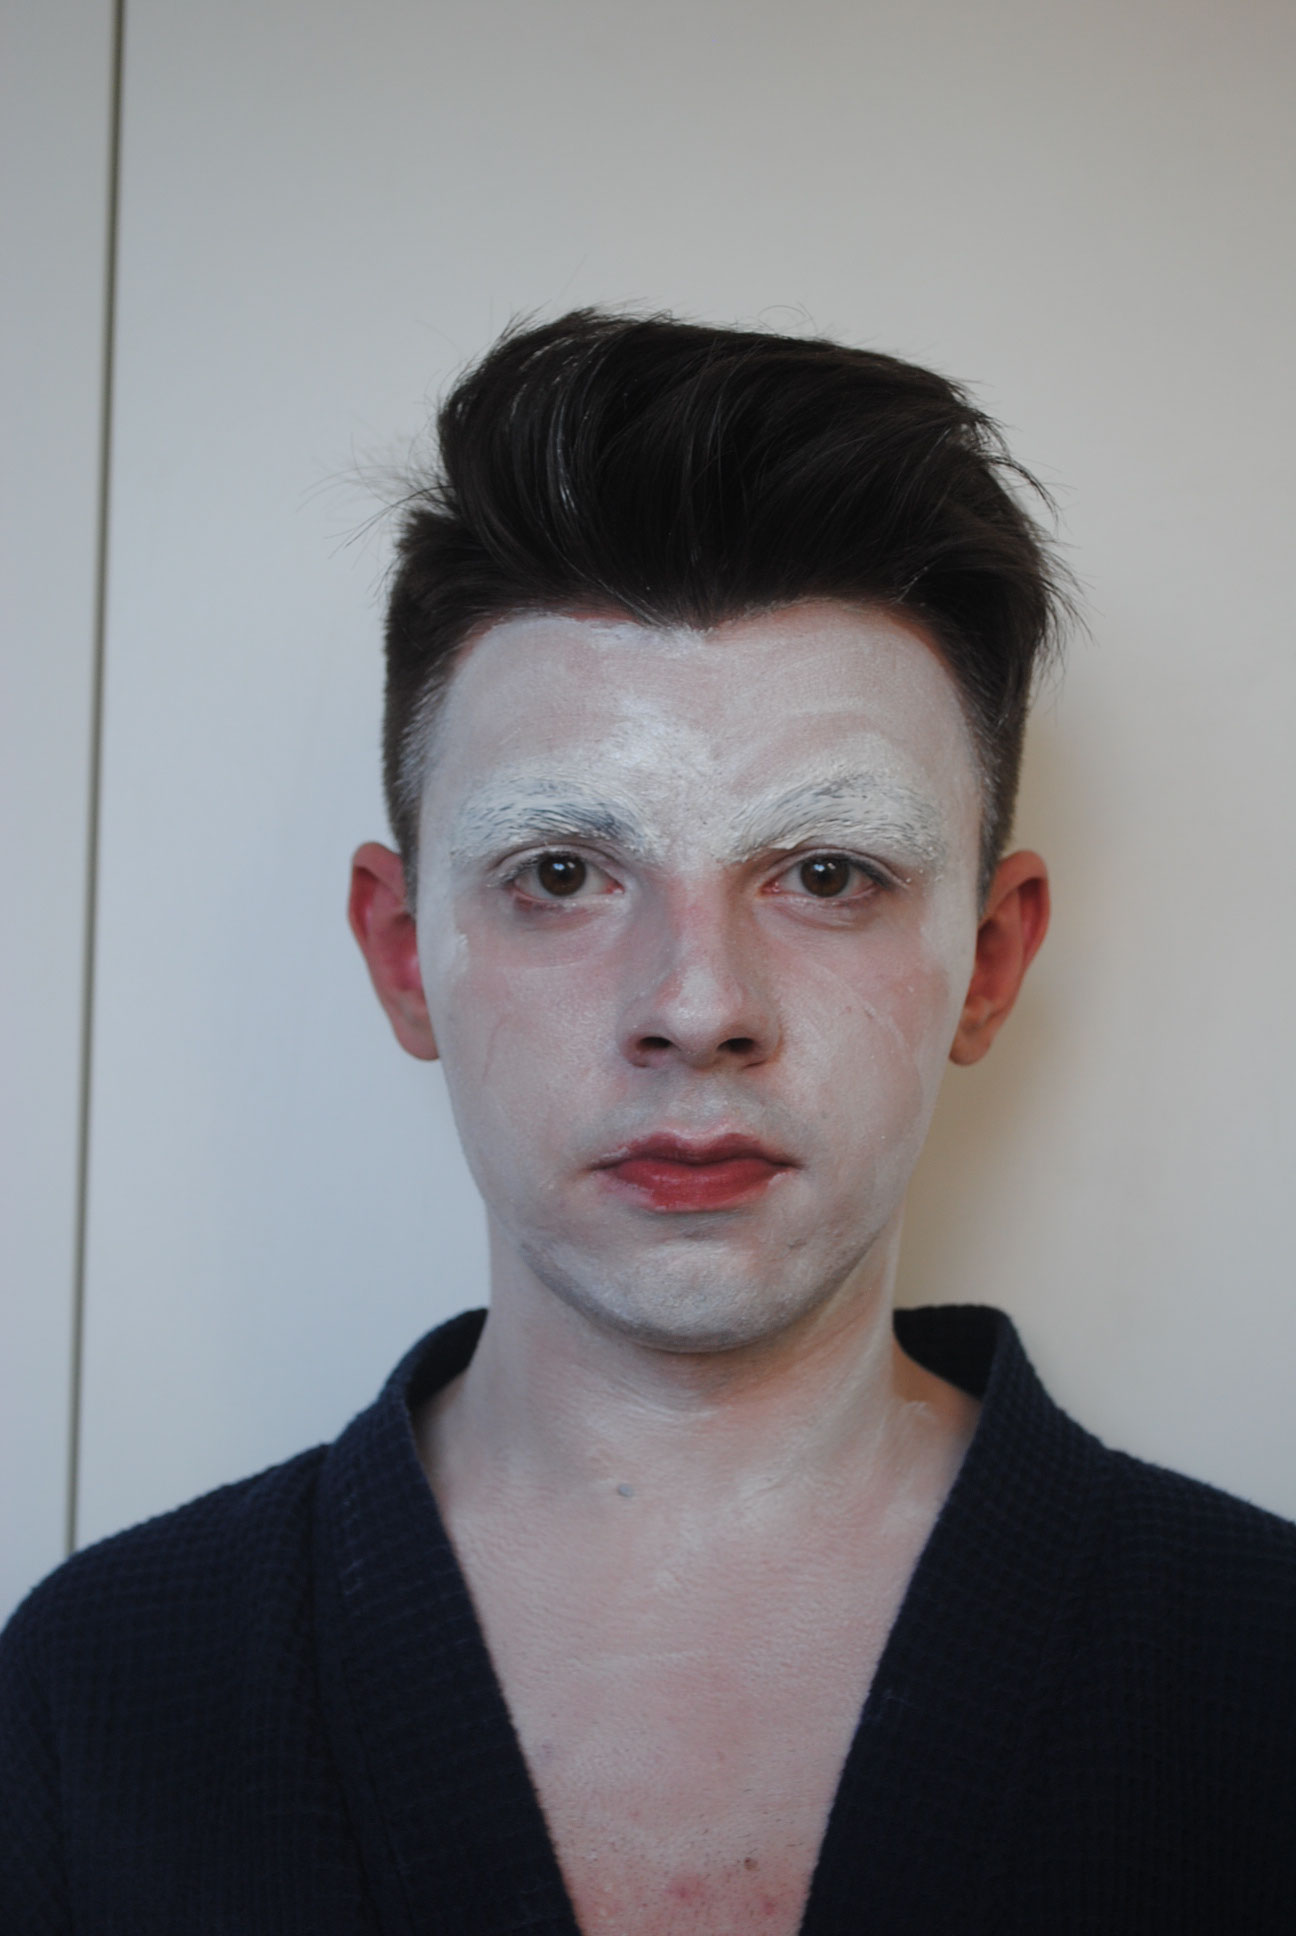 Schritt 2: Decke dein gesmates Gesicht mit weißer Schminke oder einer hellen Foundation ab.